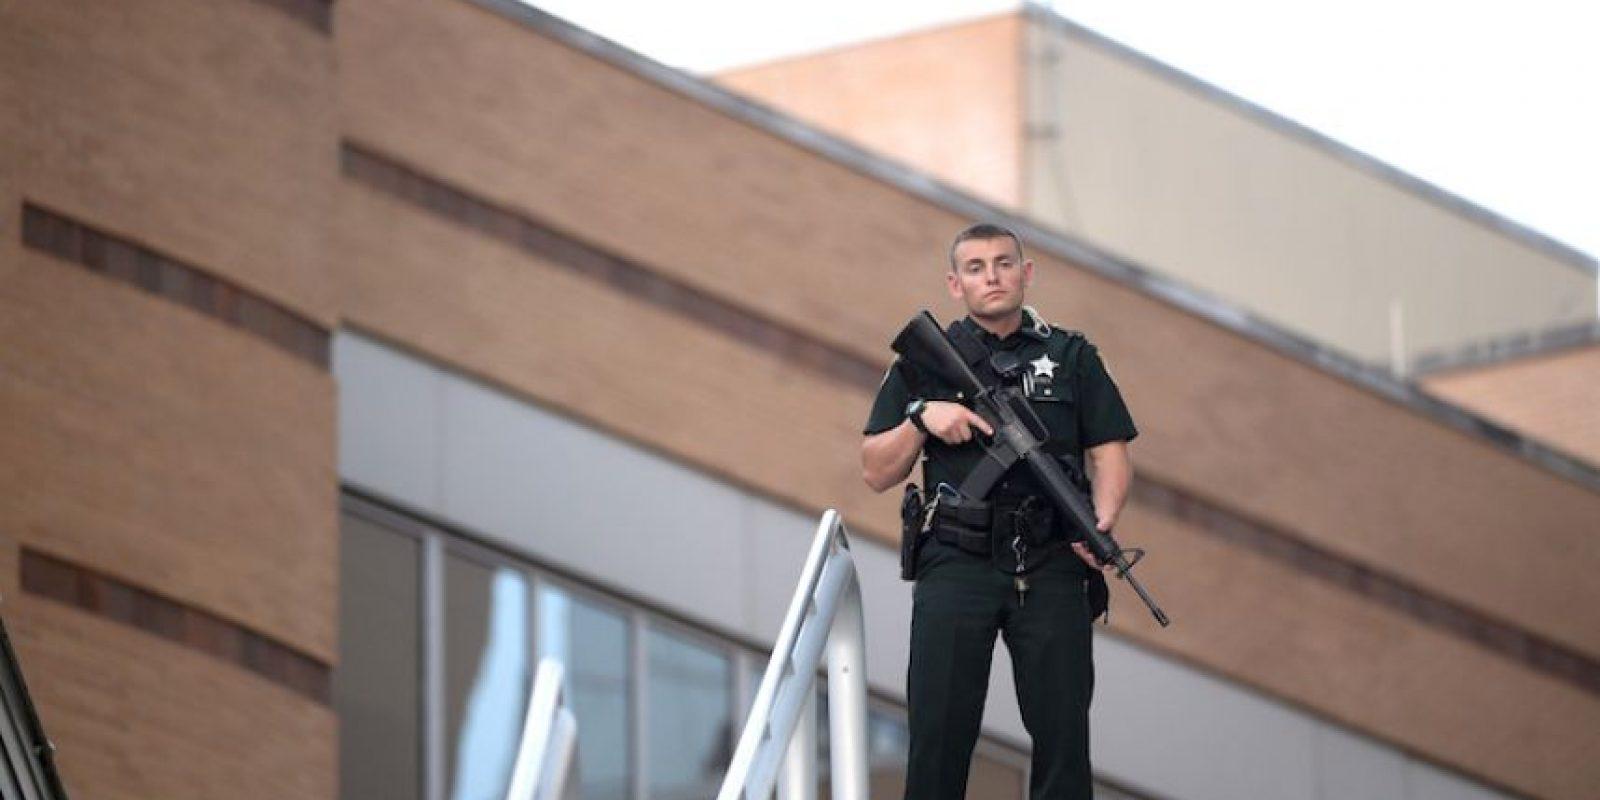 Un policía monta guardia fuera del hospital Orlando Regional Medical Center después de una balacera en el cercano centro nocturno Pulse Orlando, el domingo 12 de junio de 2016 en Orlando, Florida. Foto:AP. Imagen Por: